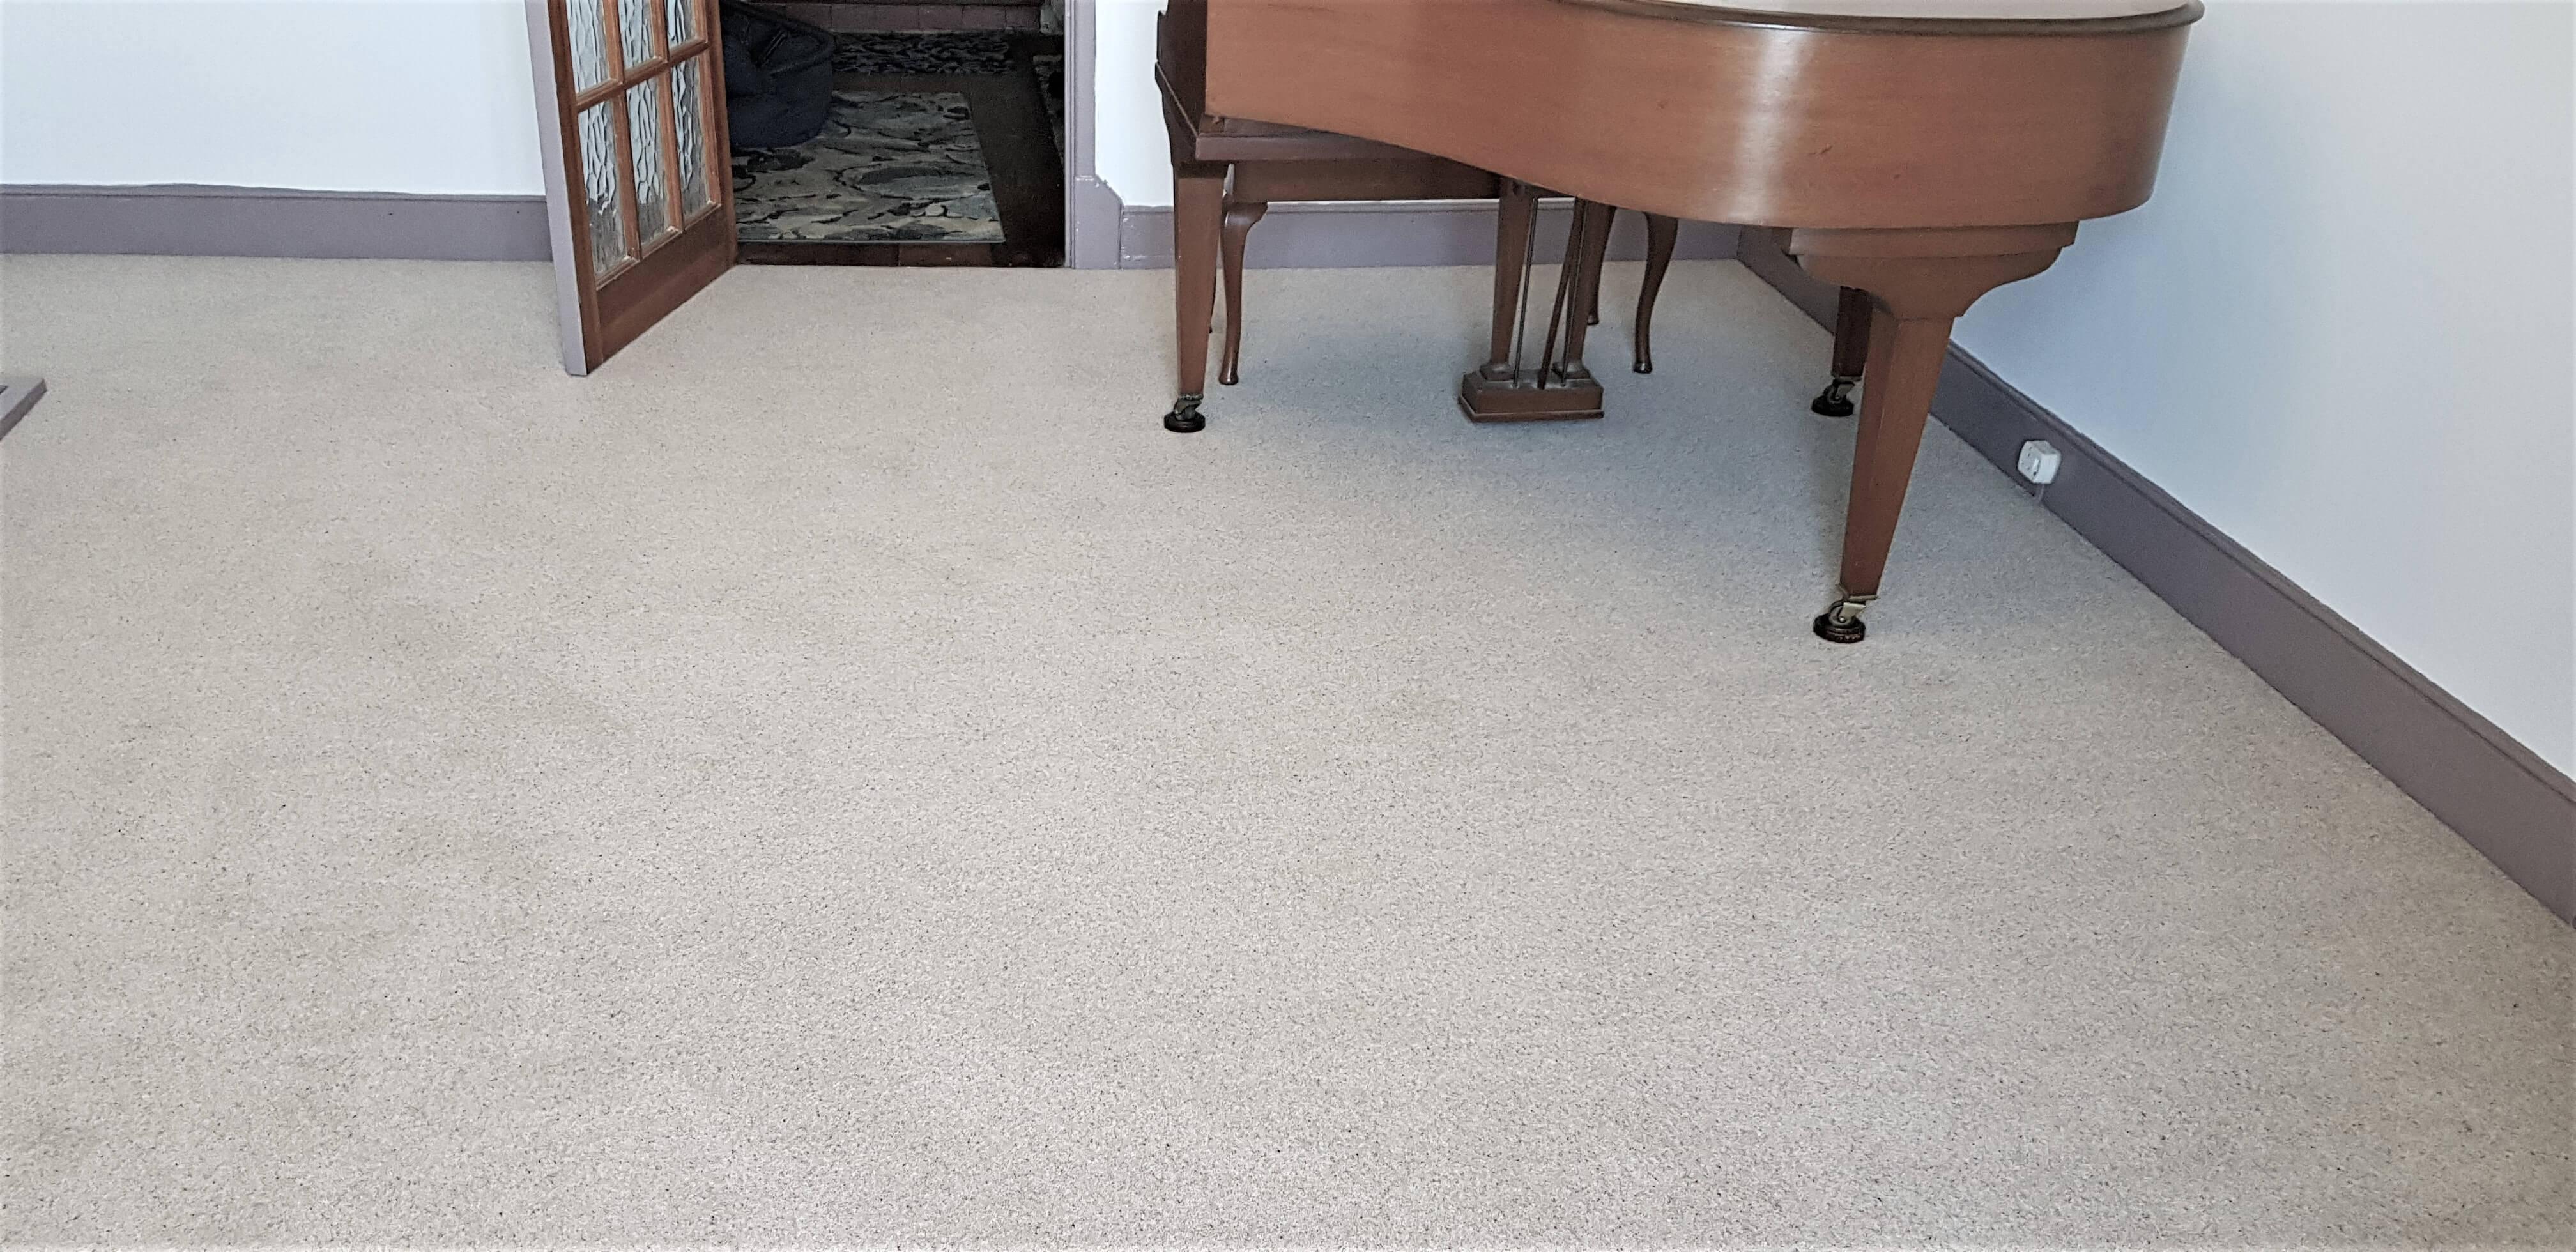 Tomkinson Carpet